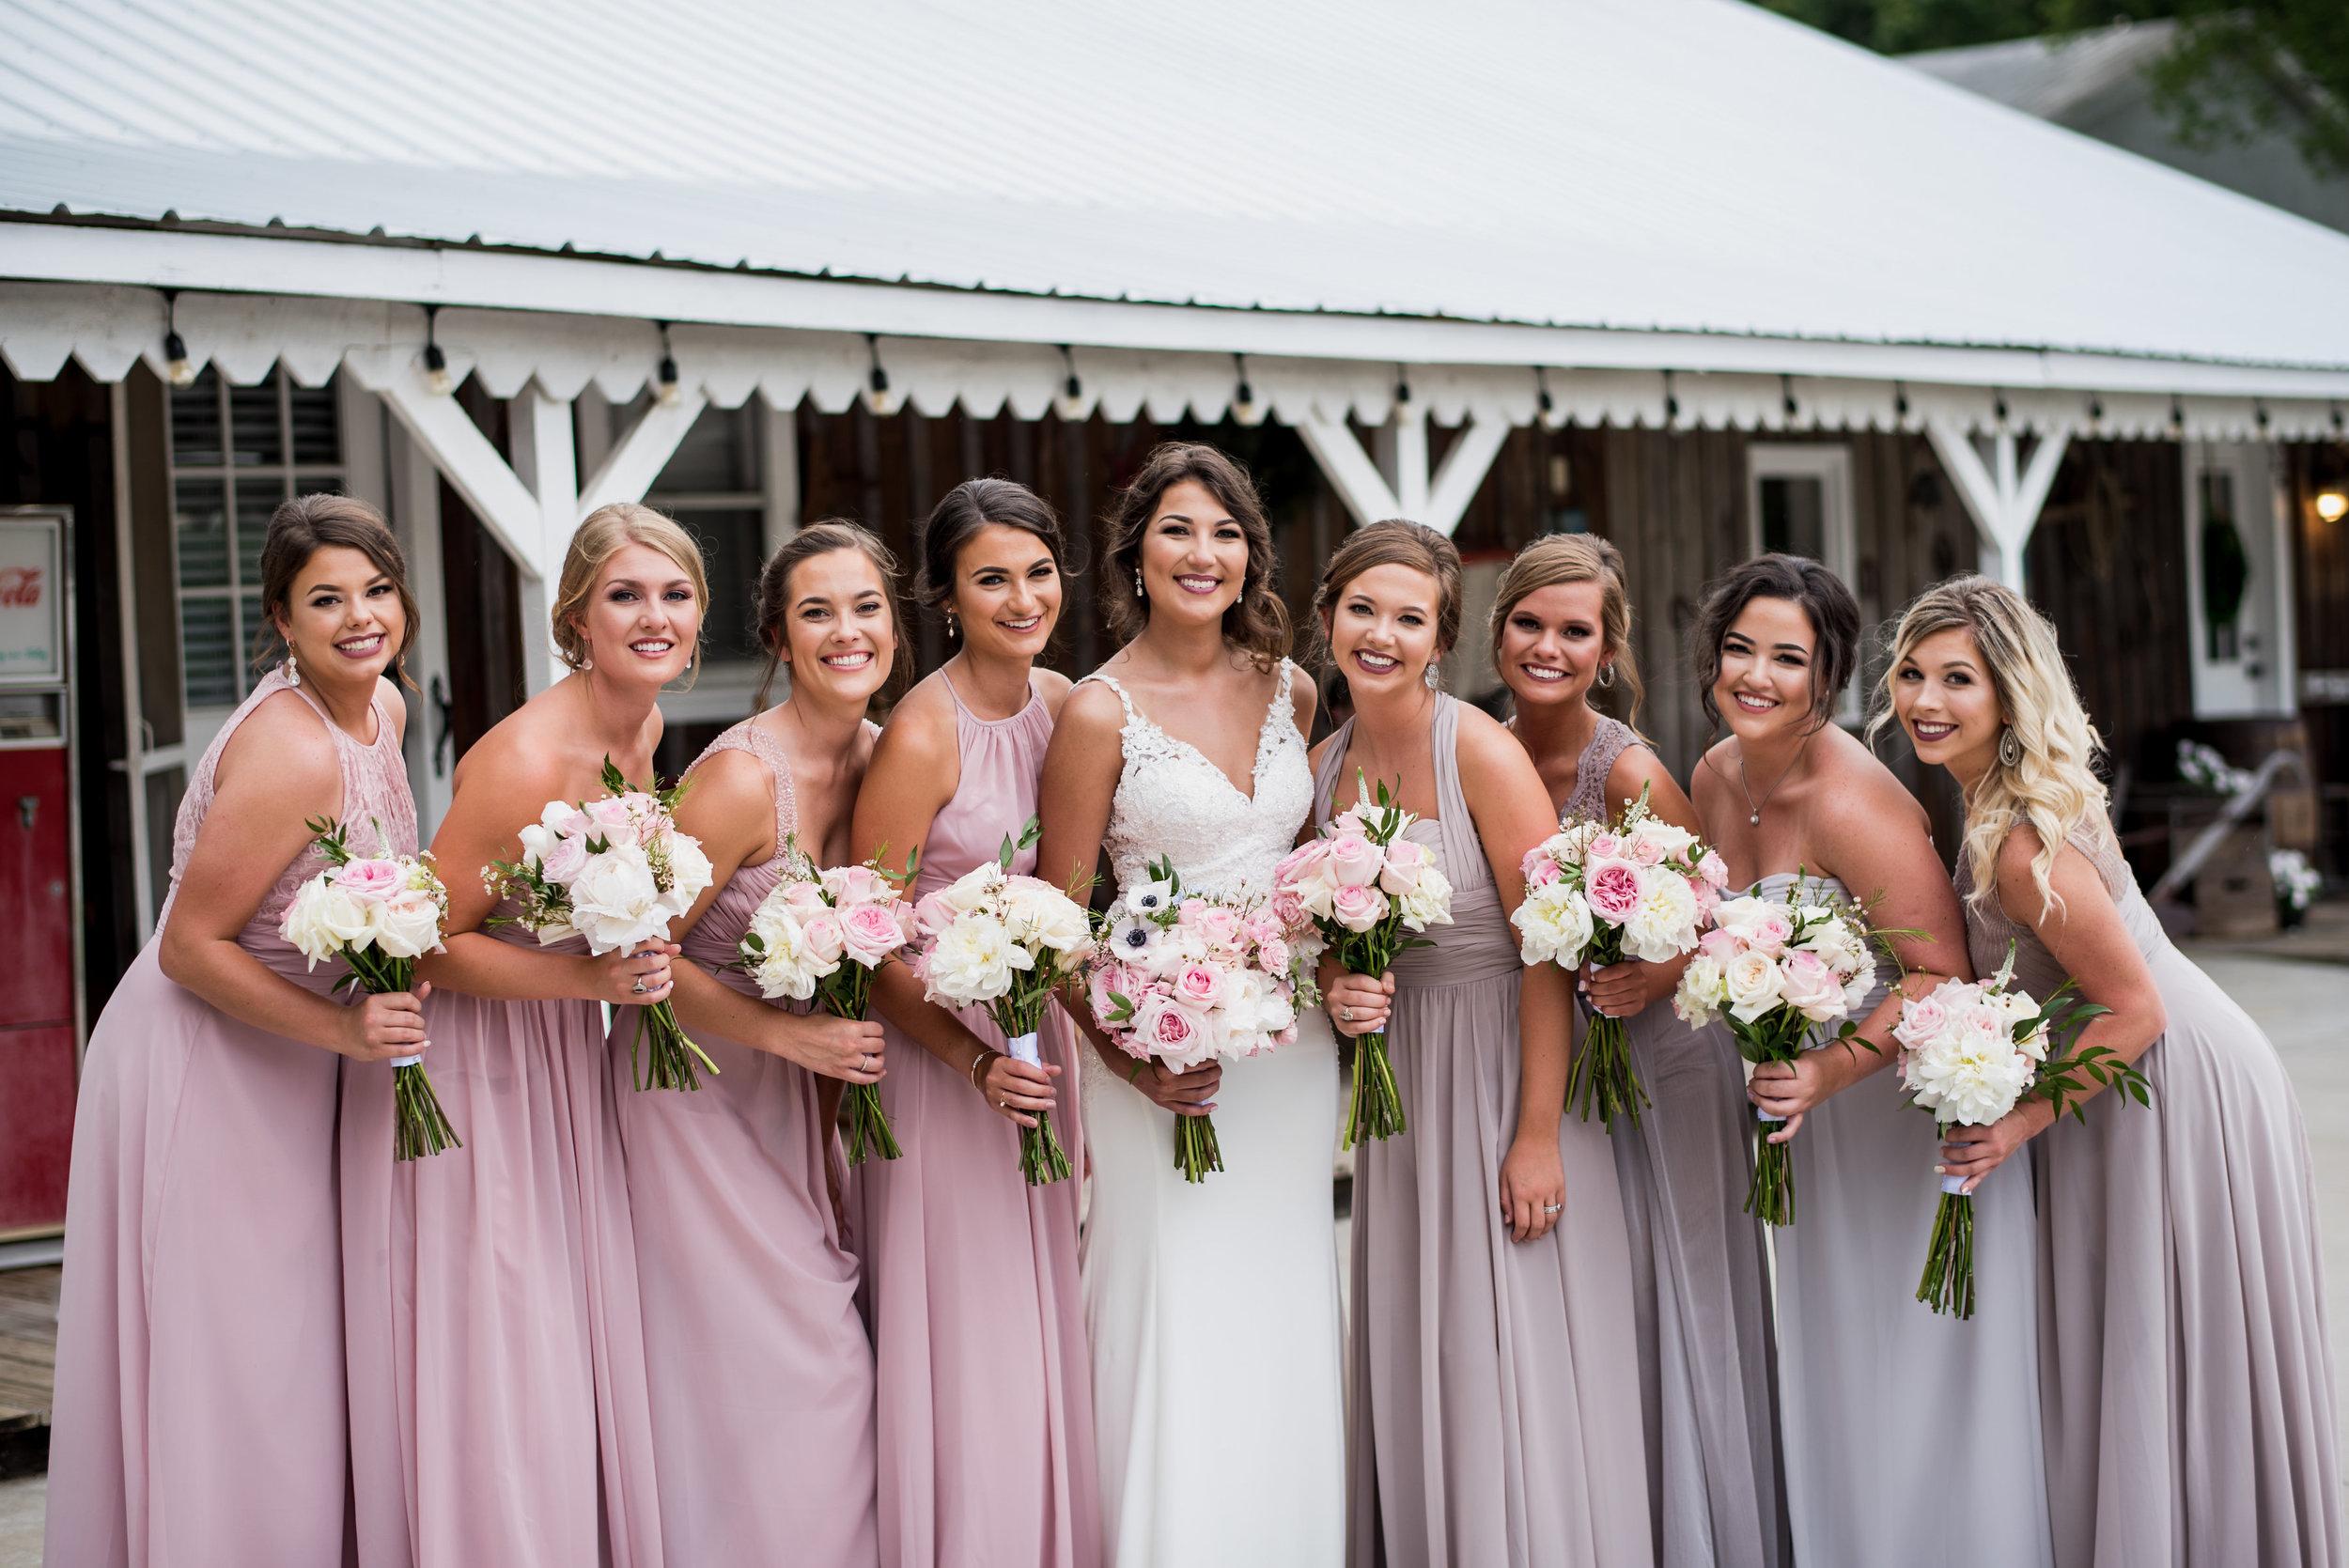 Saddlewood-Farms-Nashville-Wedding-Photographers-161.jpg